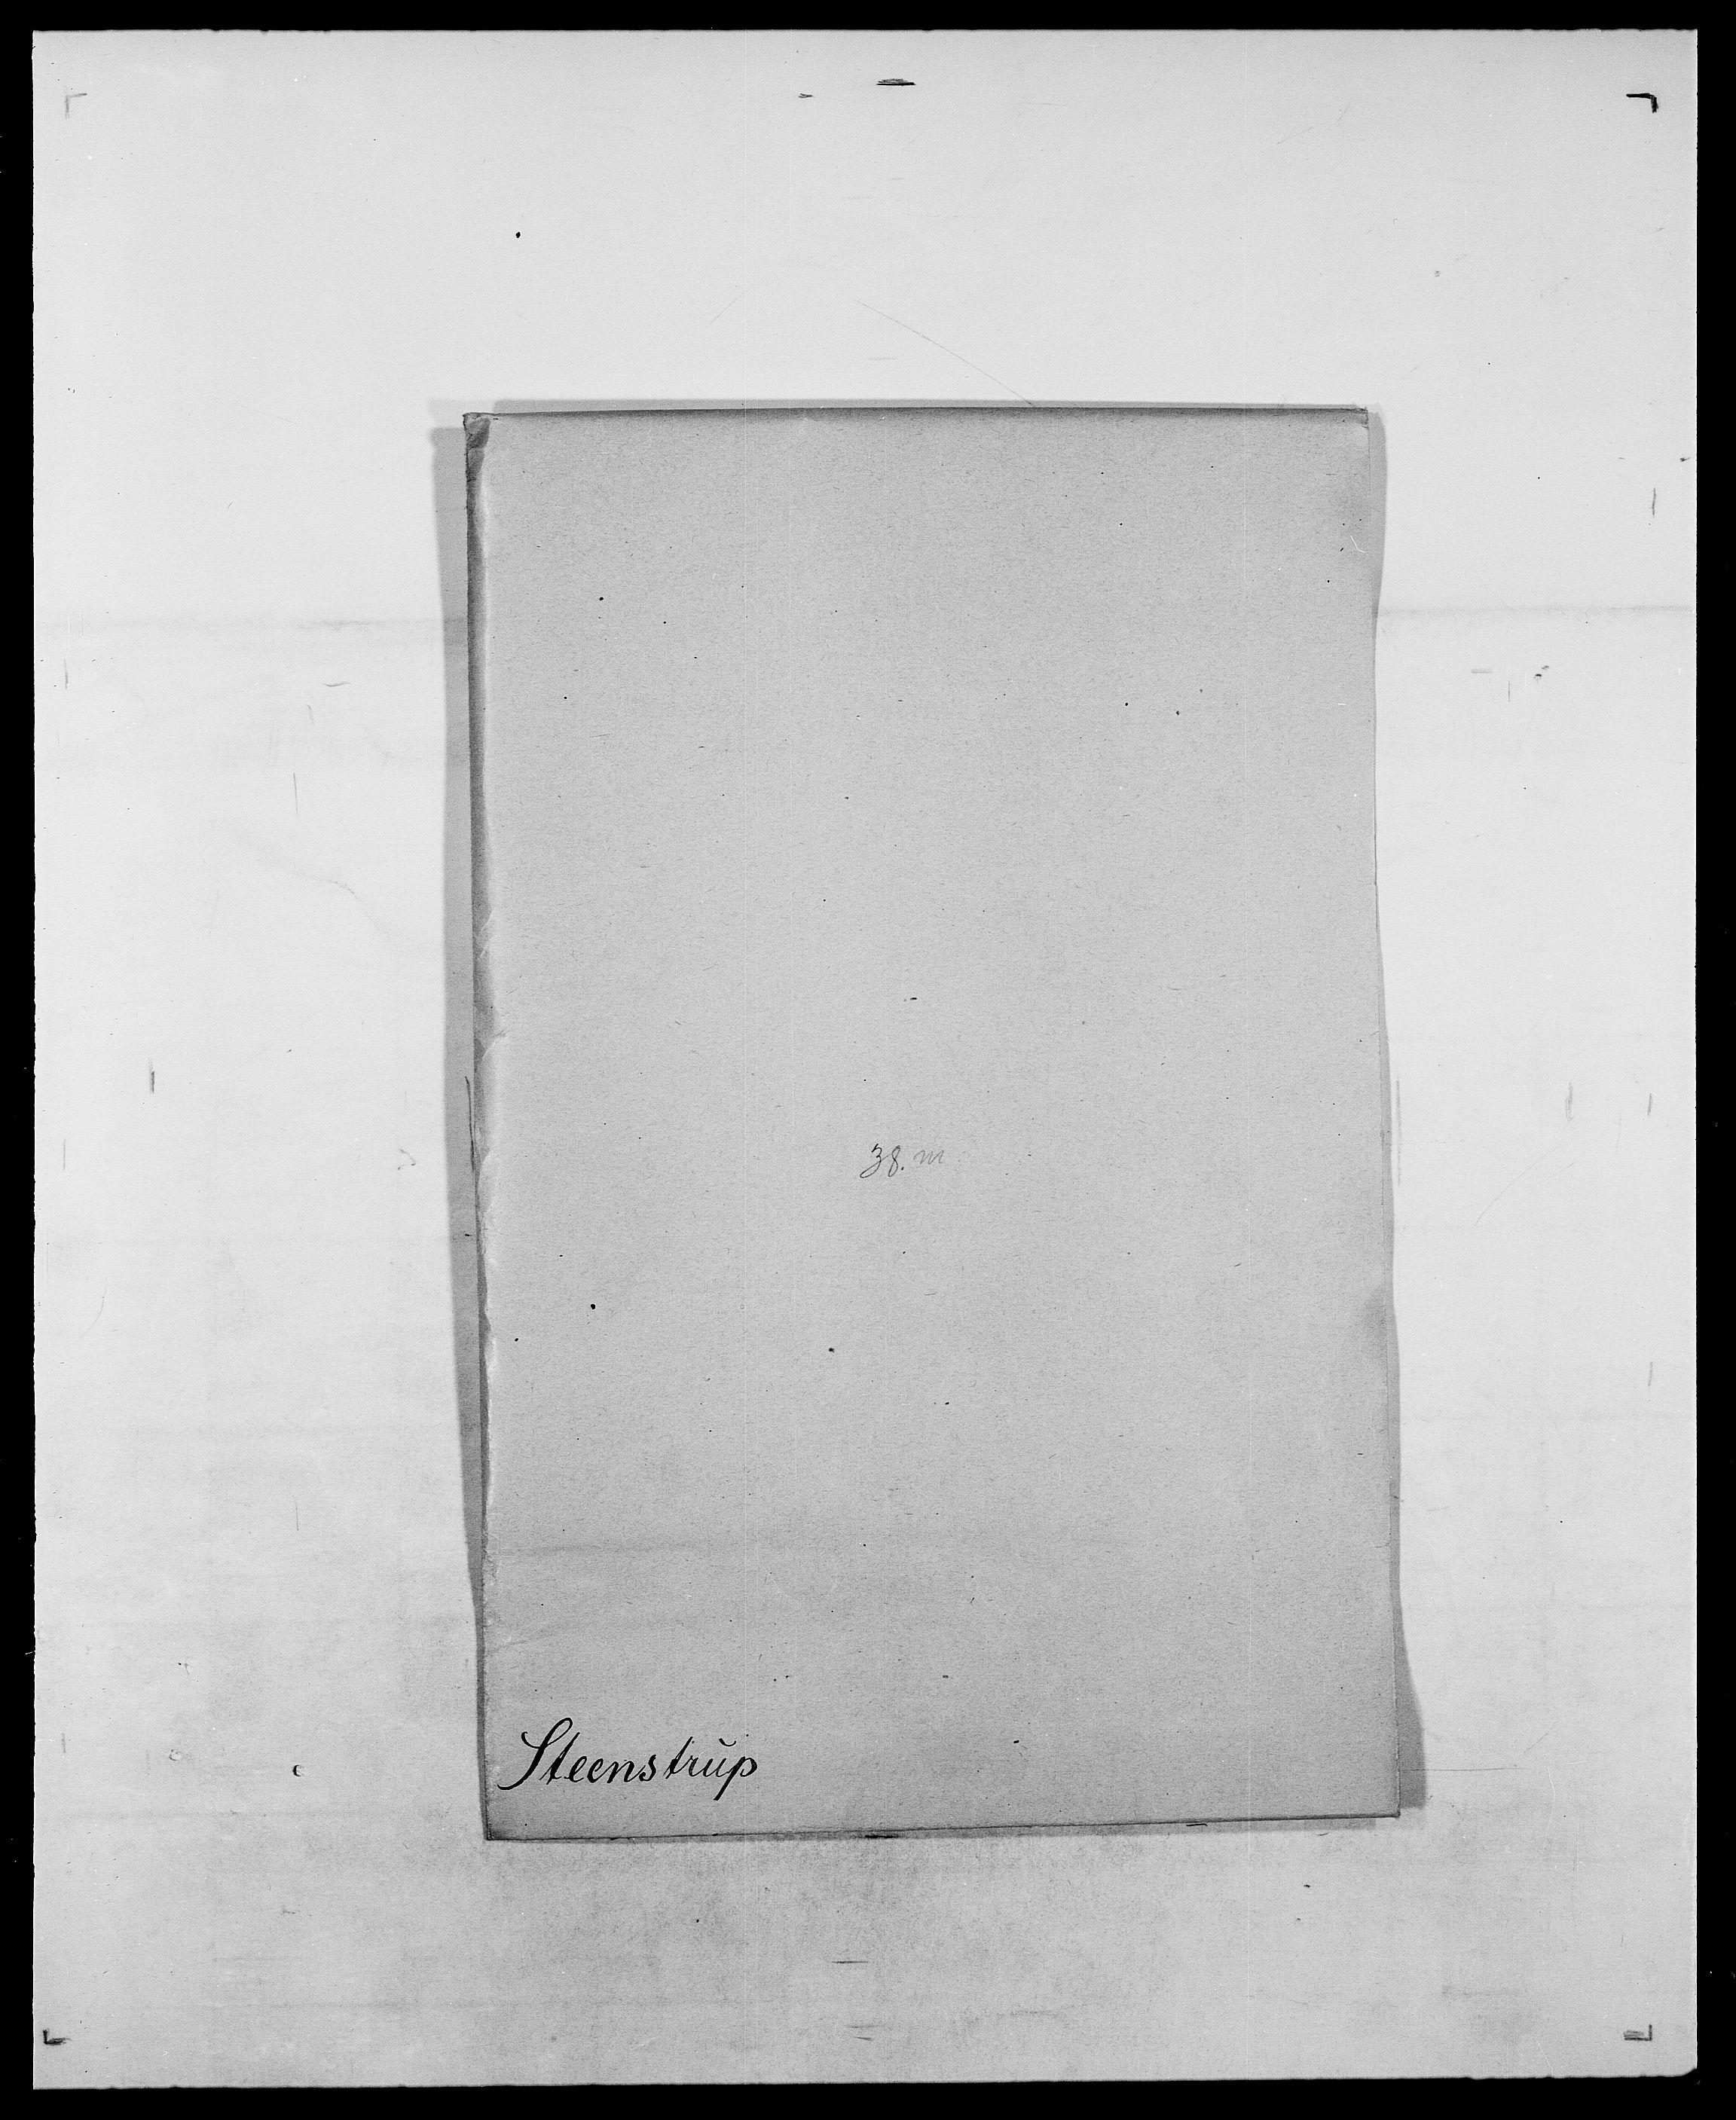 SAO, Delgobe, Charles Antoine - samling, D/Da/L0037: Steen, Sthen, Stein - Svare, Svanige, Svanne, se også Svanning og Schwane, s. 159